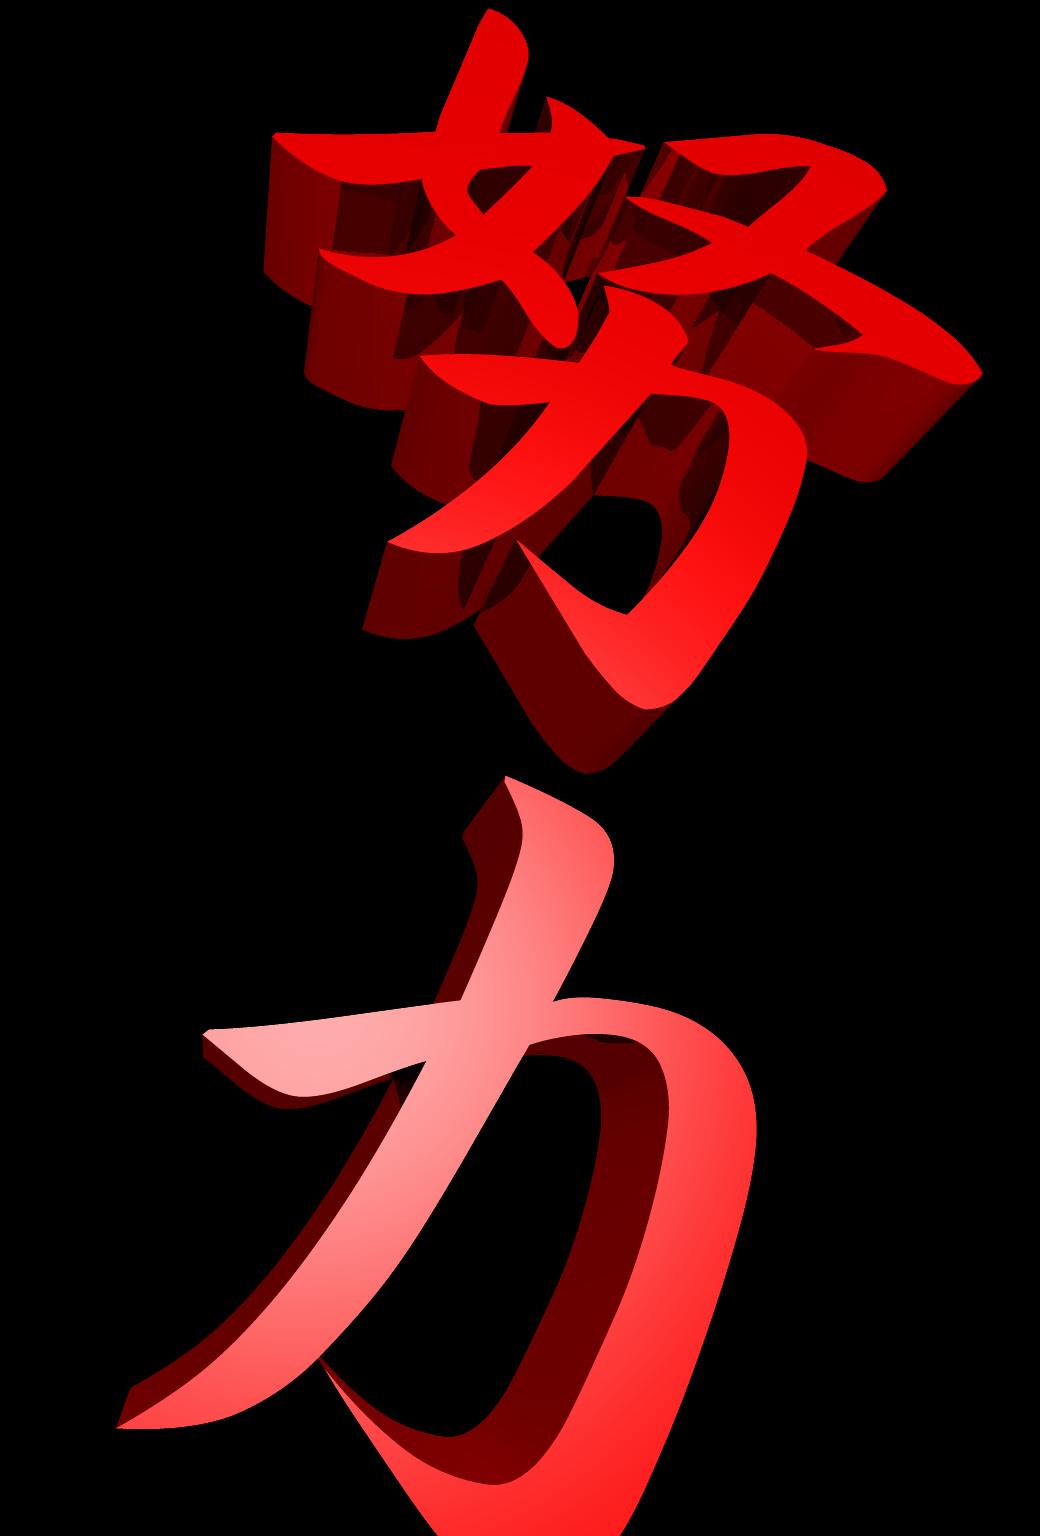 3d漢字 努力 179 Iphone壁紙 すべて1136 X 640pxサイズ